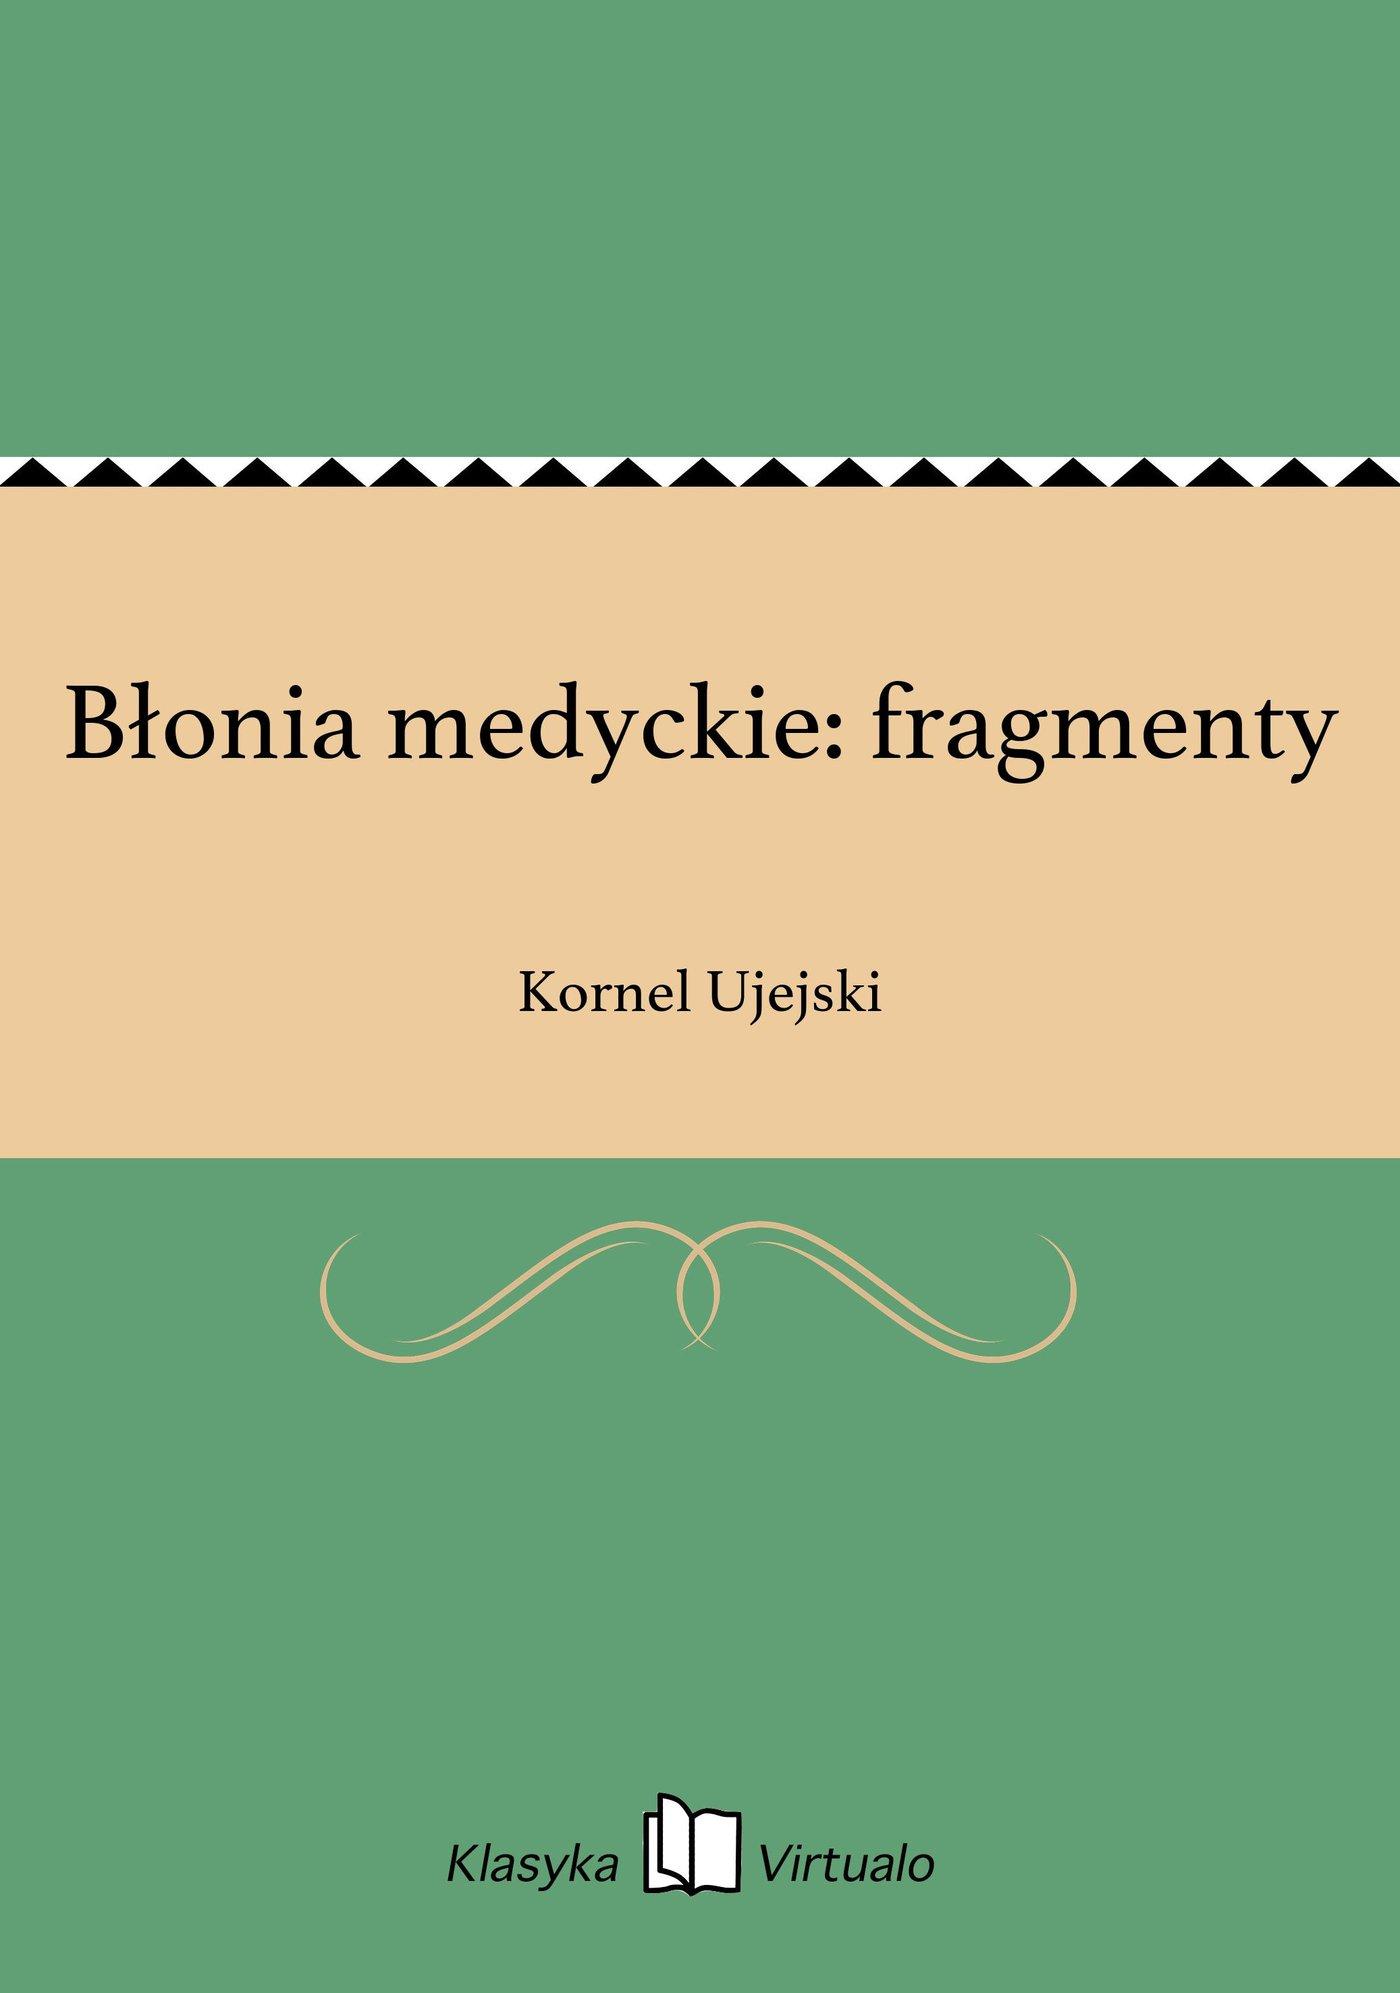 Błonia medyckie: fragmenty - Ebook (Książka na Kindle) do pobrania w formacie MOBI